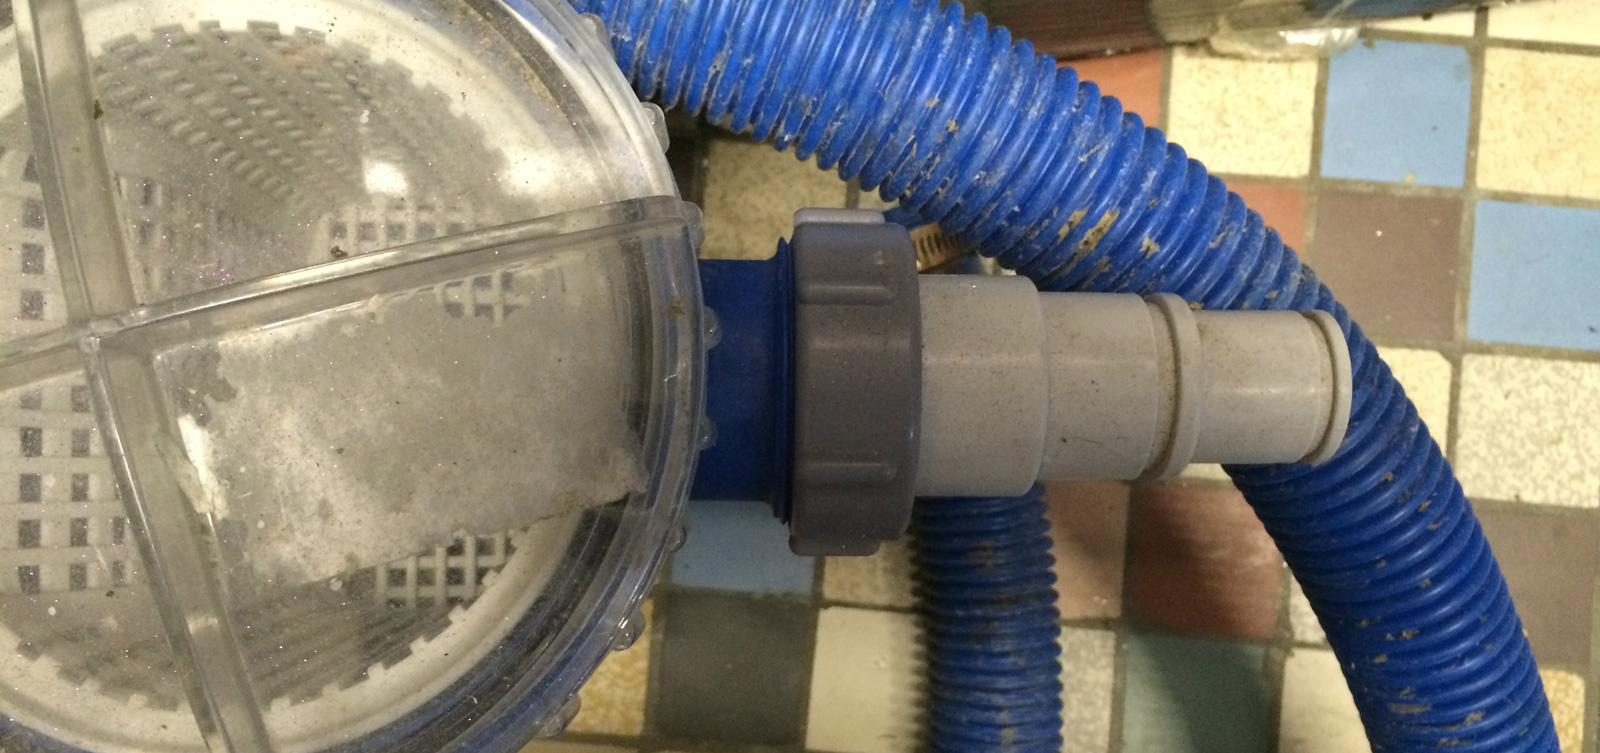 Mise en place de la filtration construction d 39 une petite for Raccord tuyau piscine 38 50